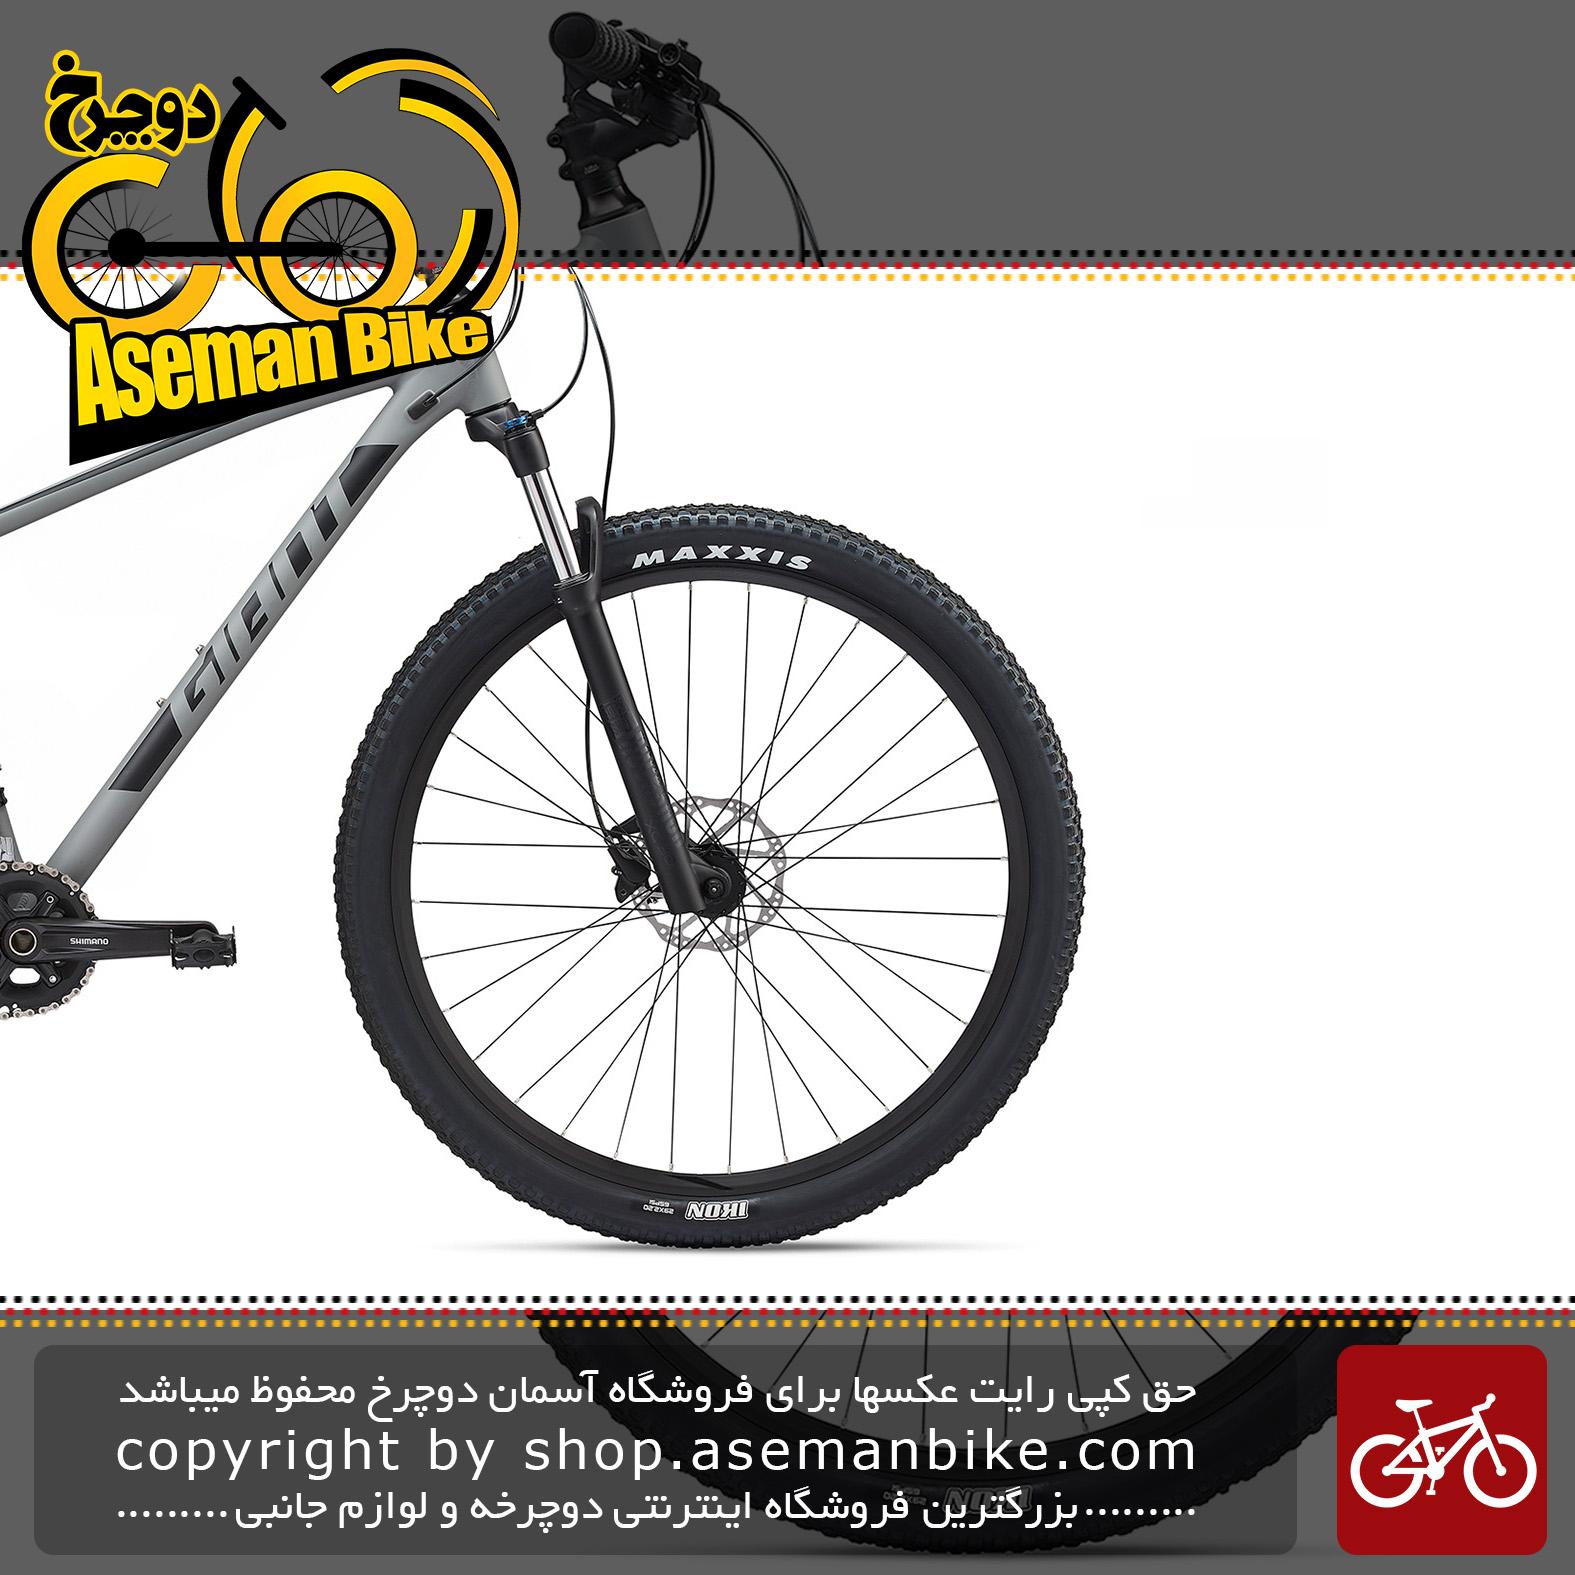 دوچرخه کوهستان جاینت مدل تالون 29 اینچ 1 (جی ای) 2020 Giant Mountain Bicycle Talon 29 1 (GE) 2020